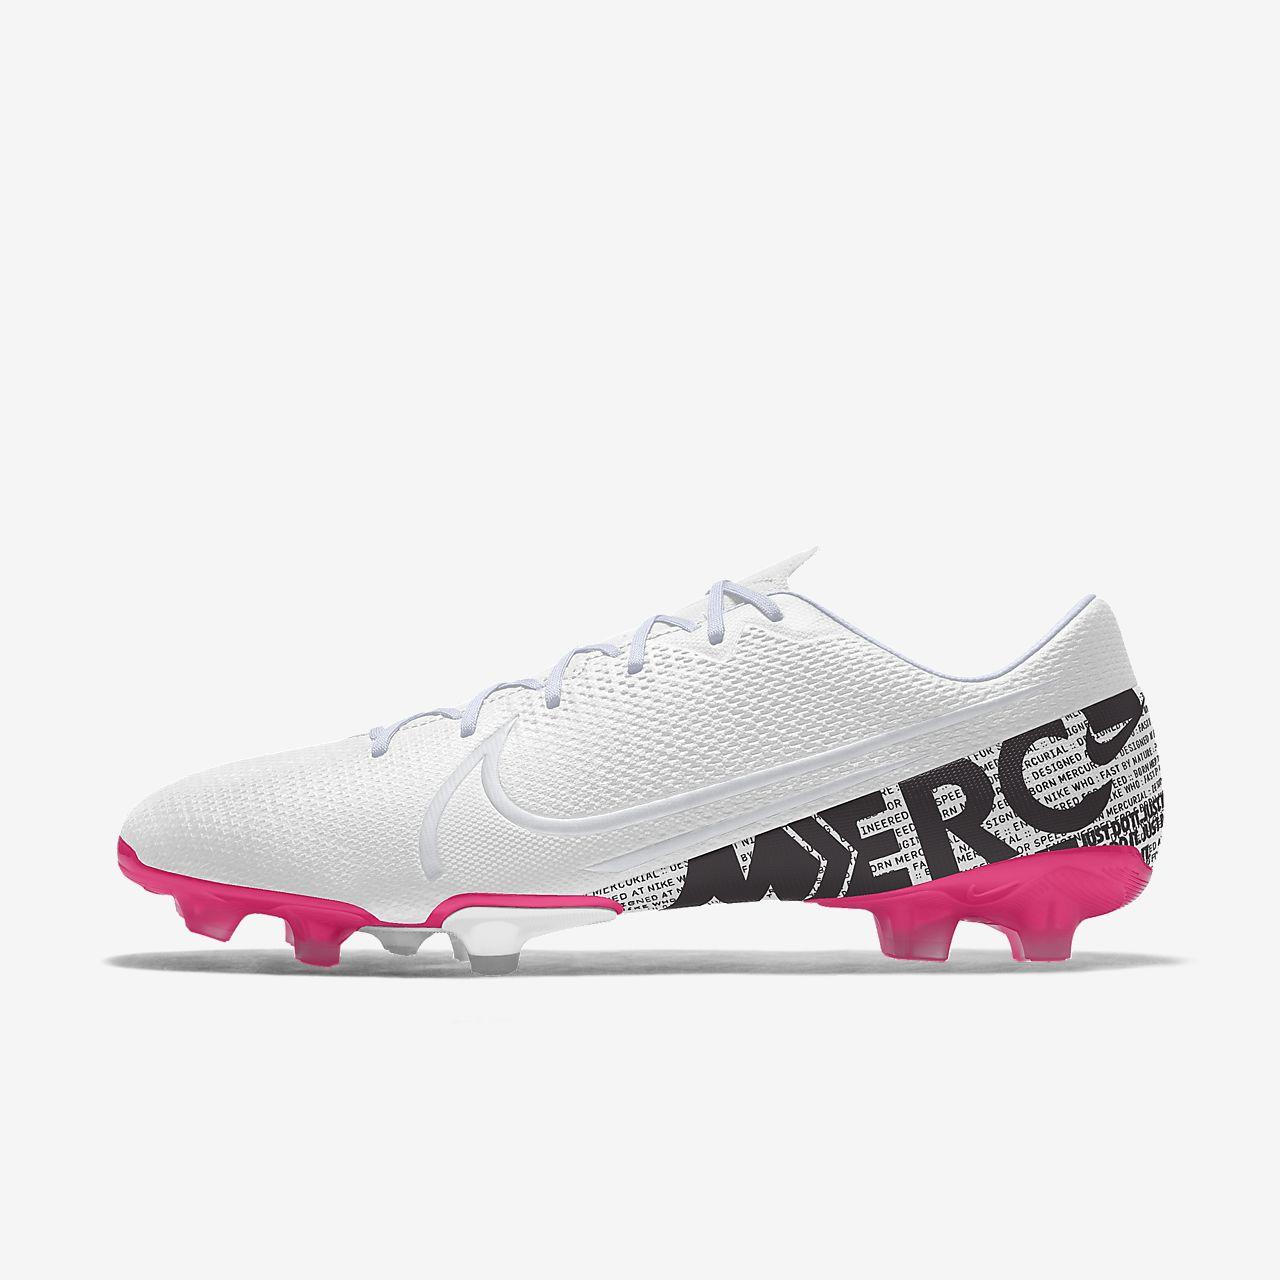 Scarpa da calcio per terreni duri personalizzabile Nike Mercurial Vapor 13 Academy FG By You